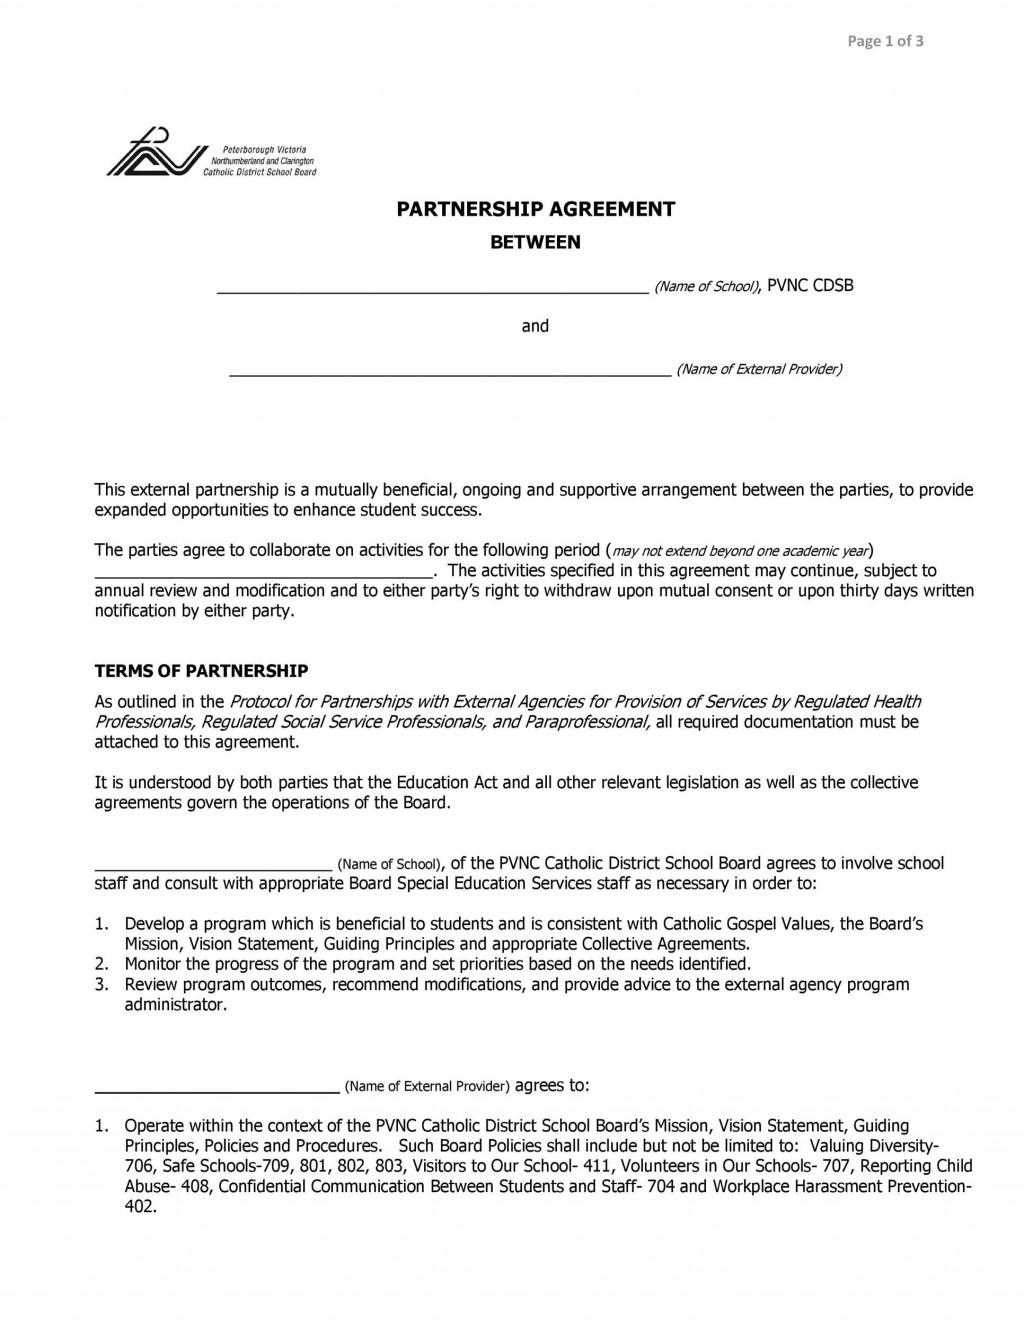 007 Amazing Limited Company Partnership Agreement Template Uk Inspiration Large